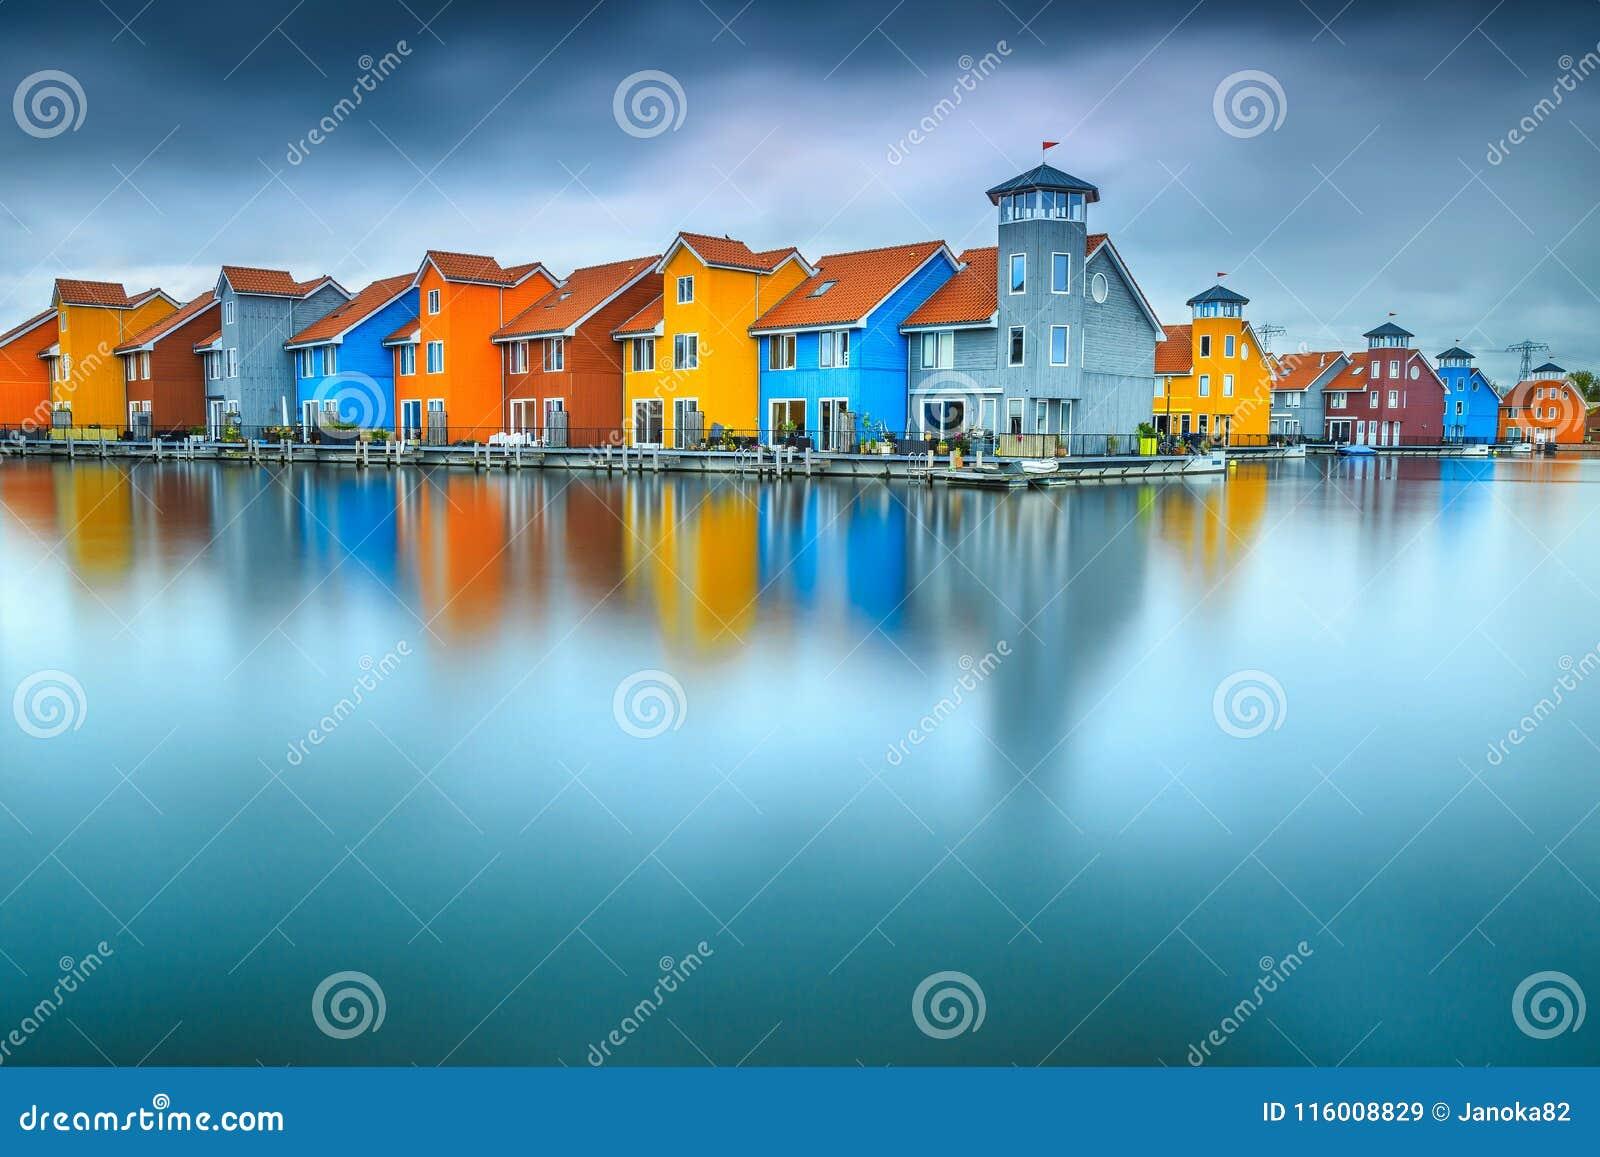 Fantastiska färgrika byggnader på vatten, Groningen, Nederländerna, Europa